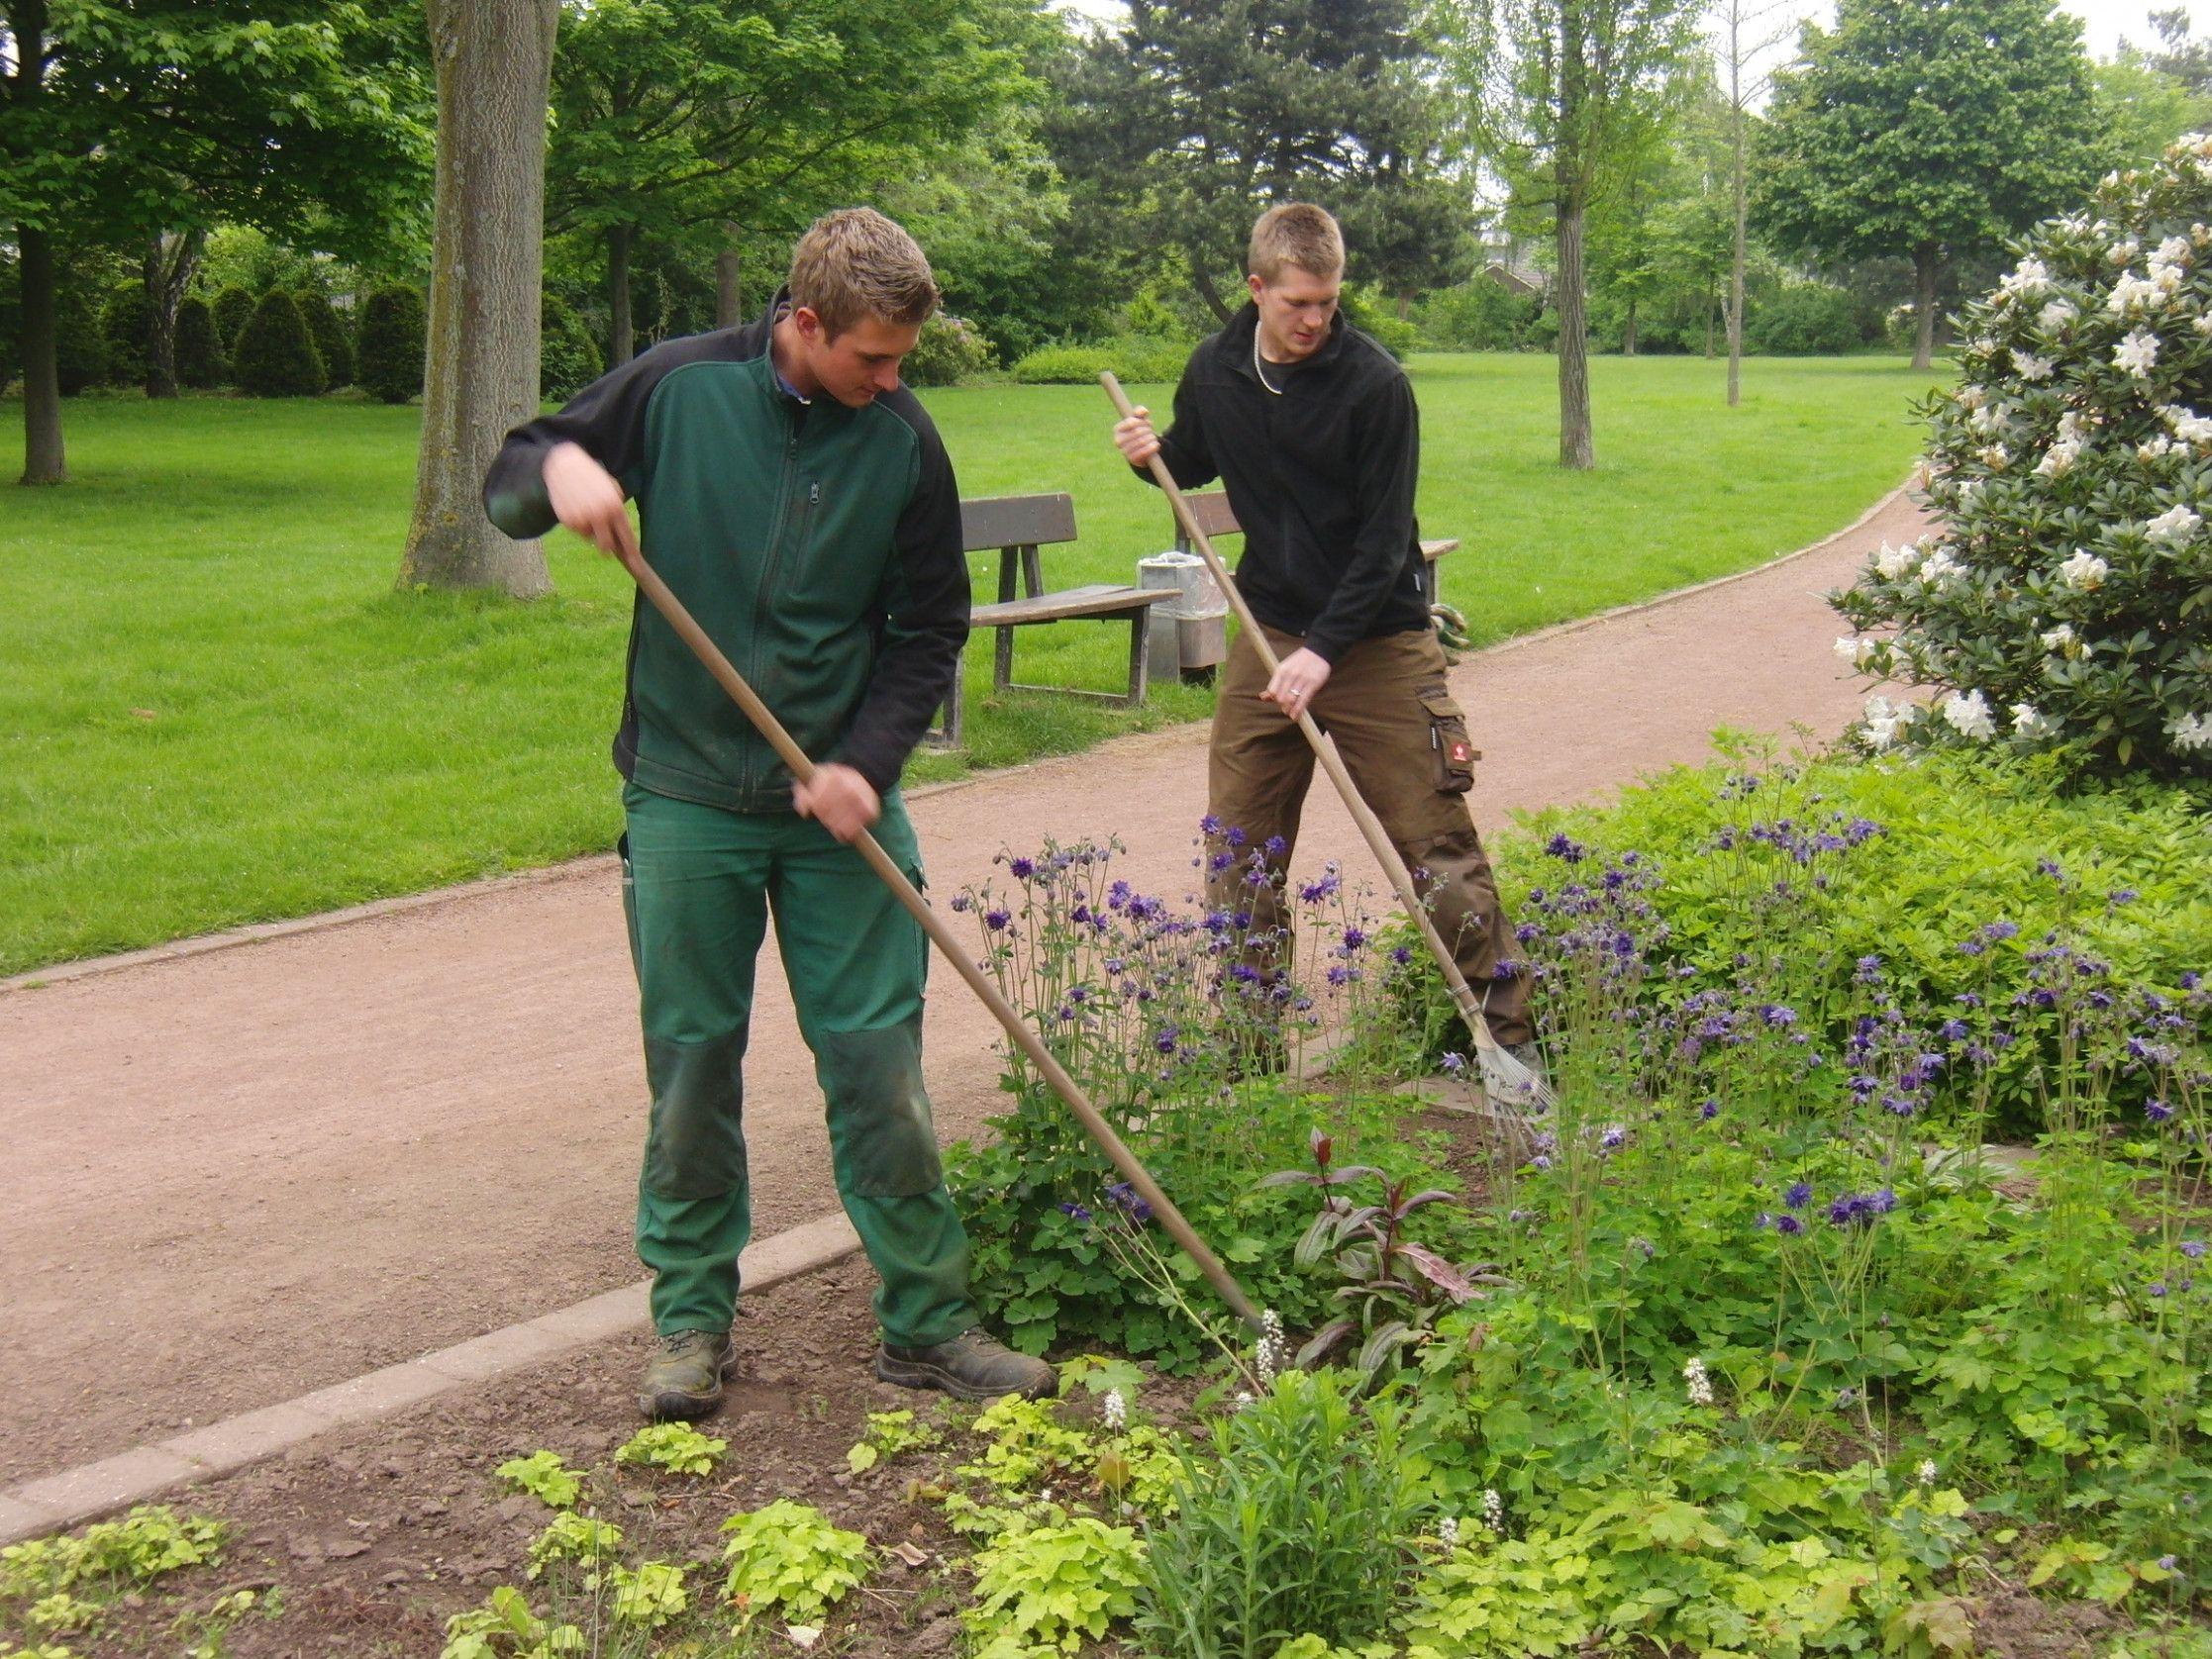 Garten Landschaftsbau Gehalt In 2021 Garten Landschaftsbau Landschaftsbau Landschafts Und Gartenbau